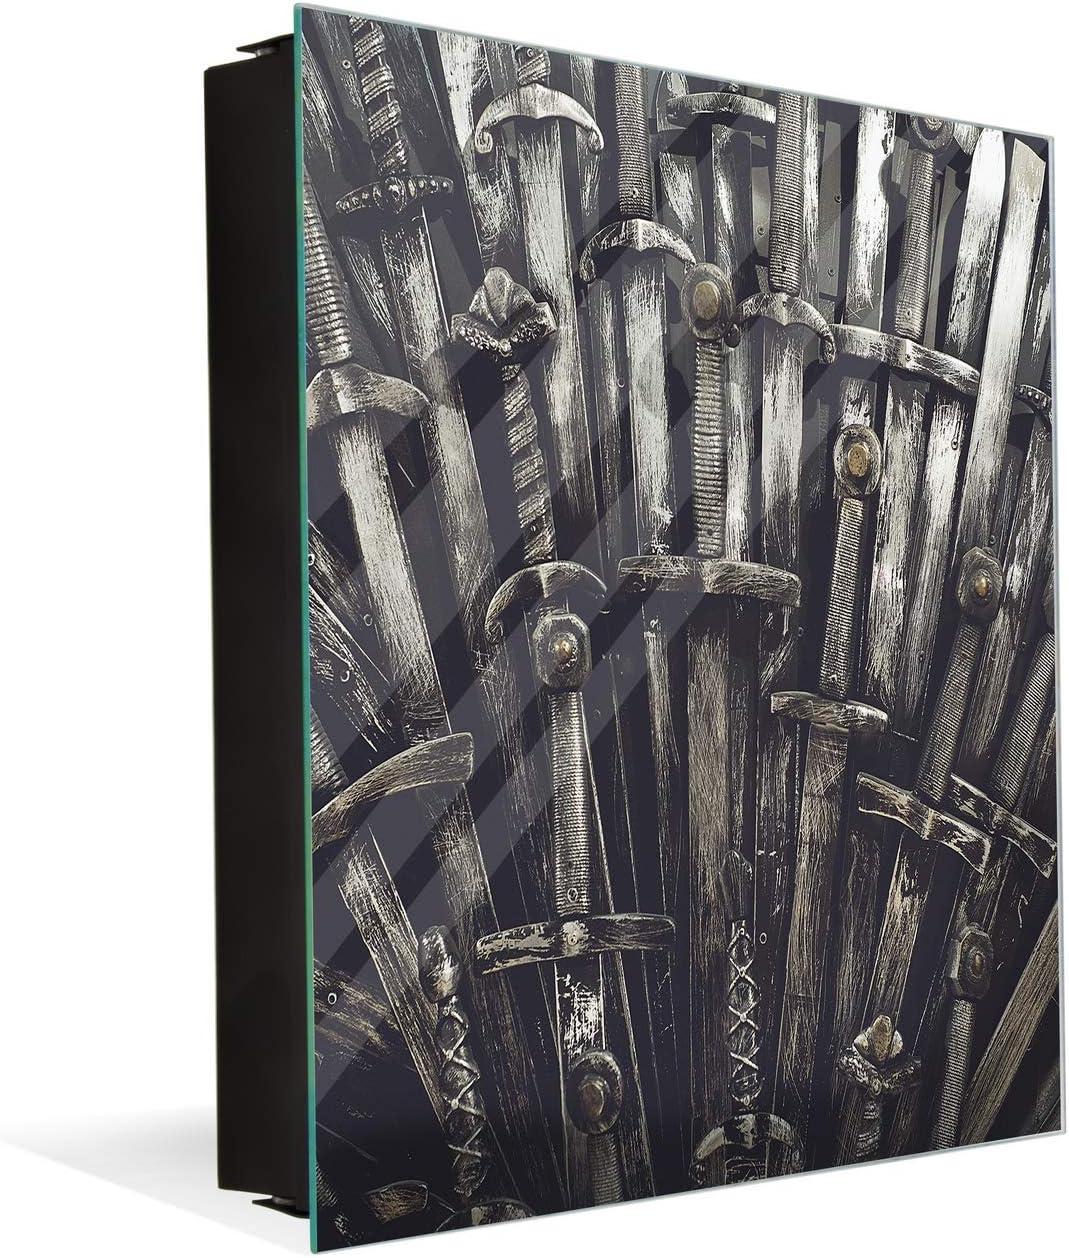 Pizarra de Cristal magnética con Cuadro para Llaves K05 Juego de Tronos Espadas: Amazon.es: Hogar